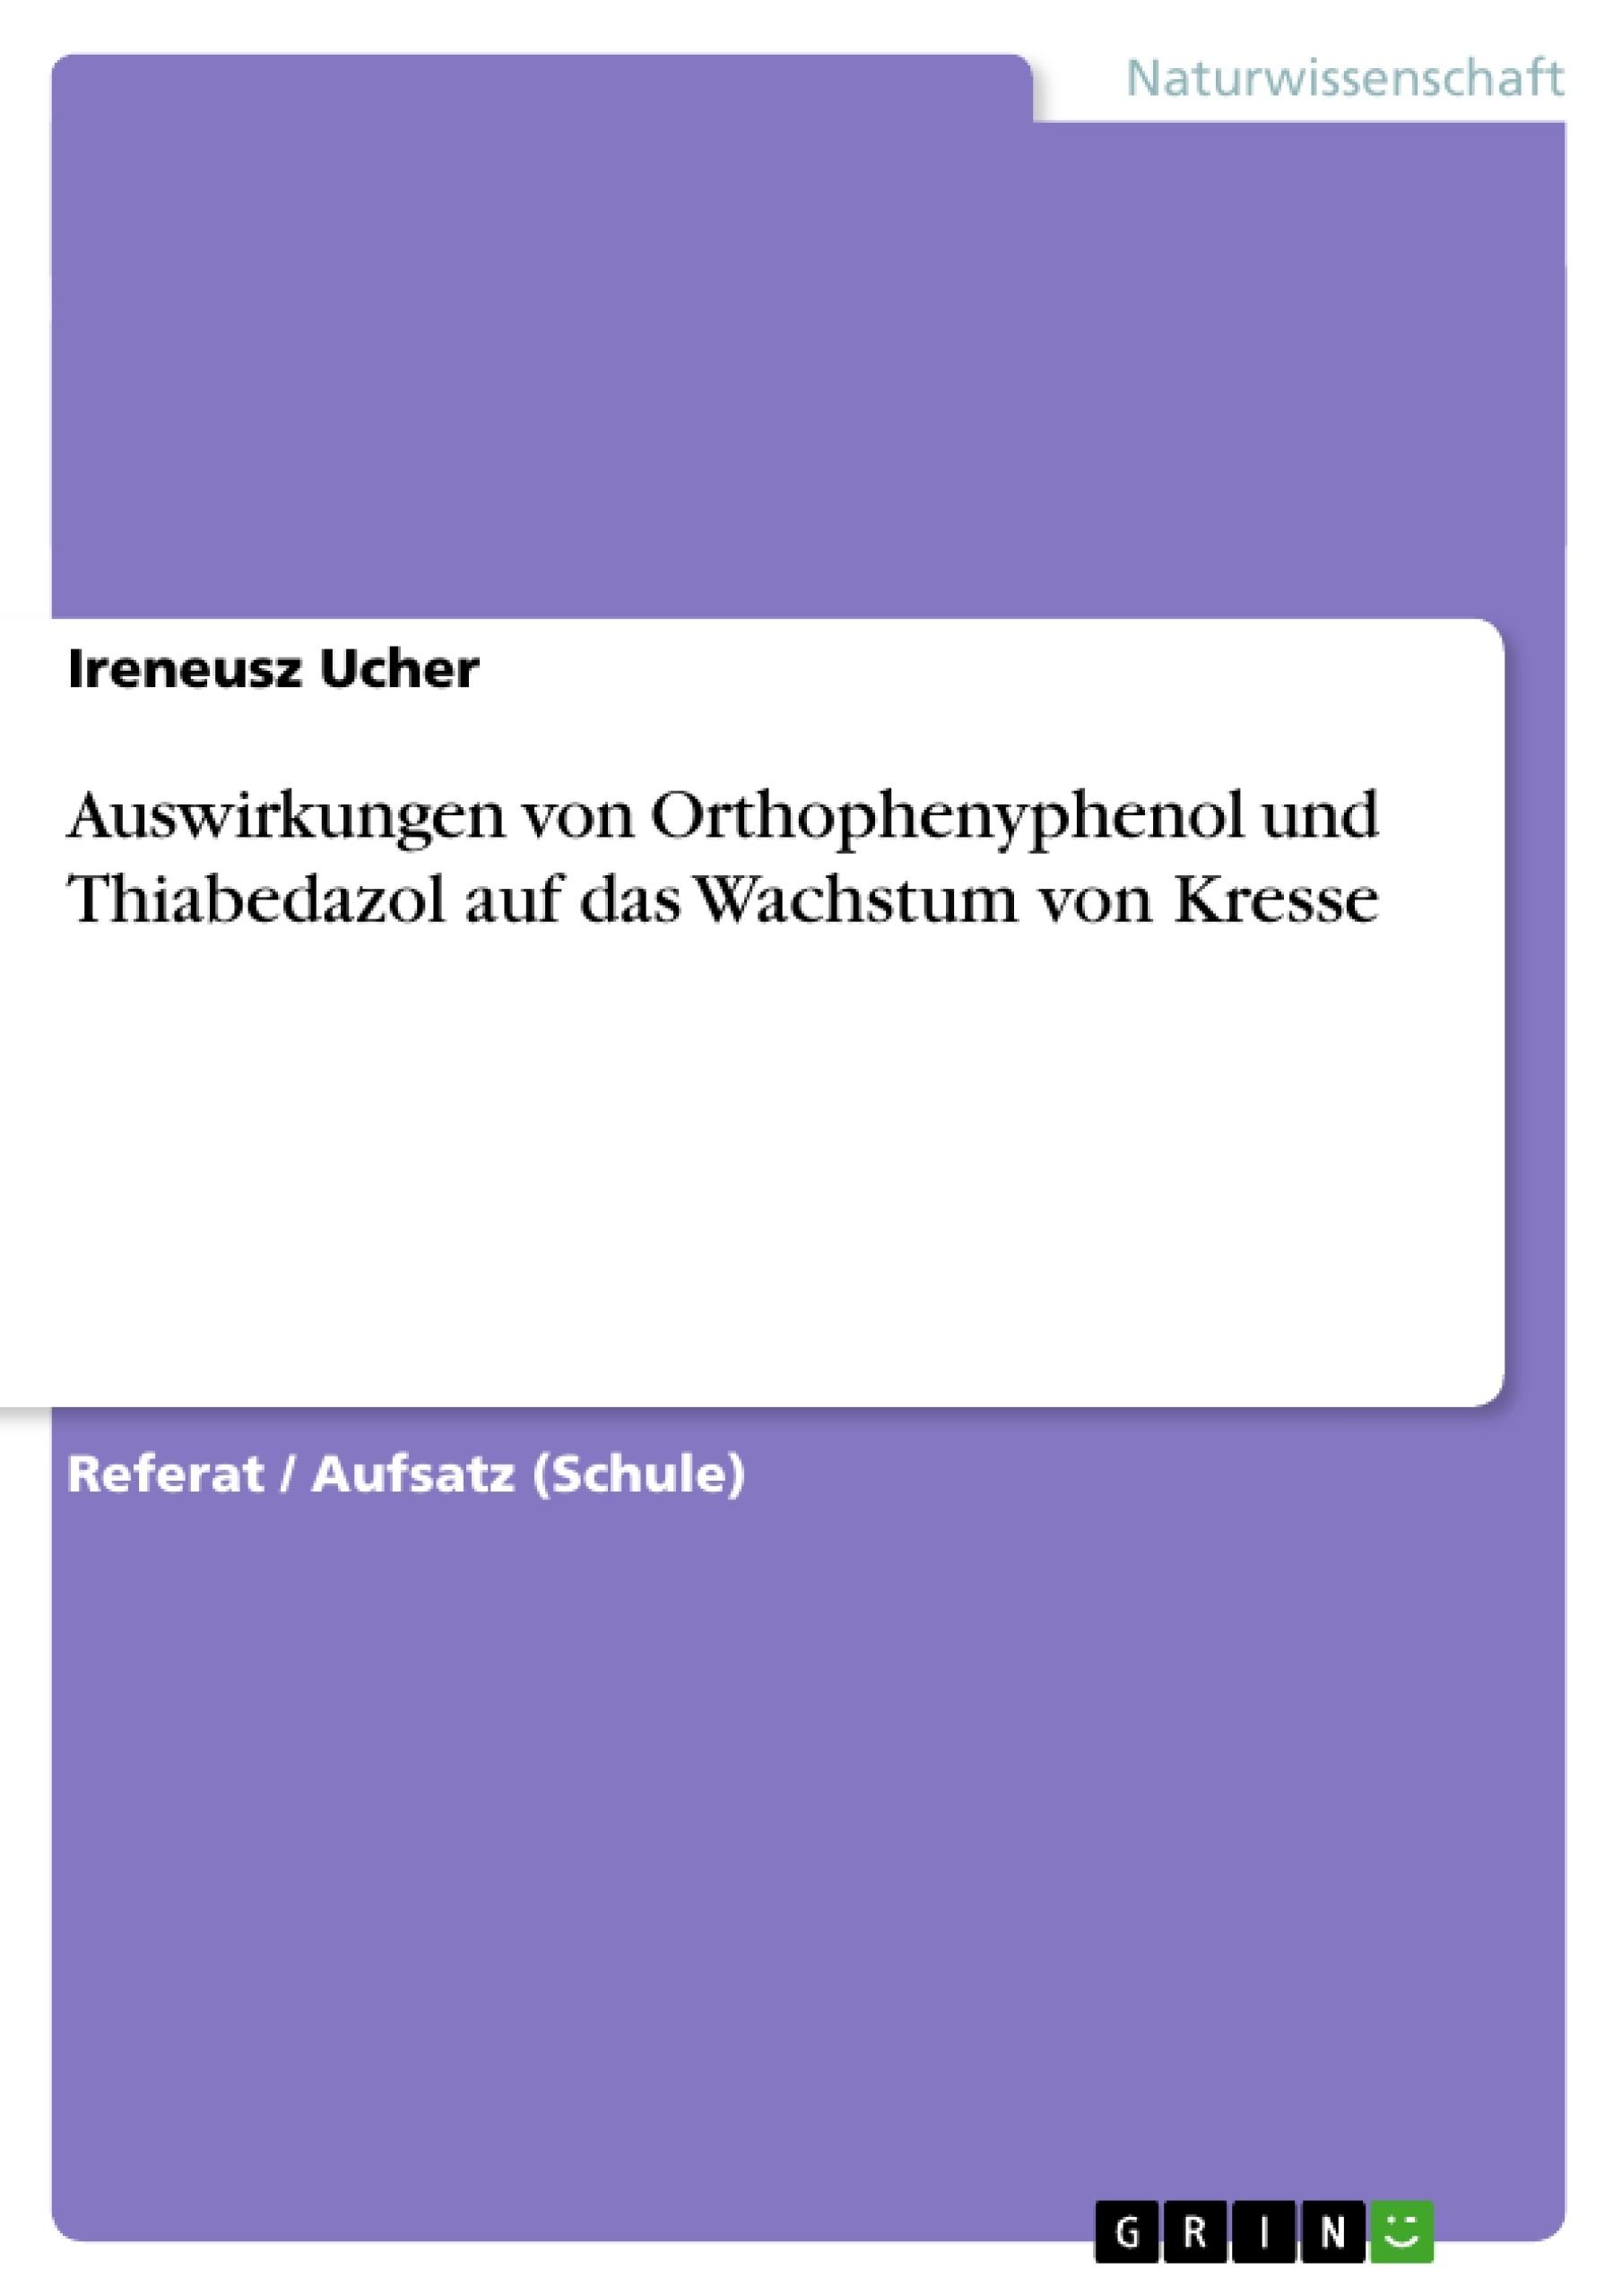 Titel: Auswirkungen von Orthophenyphenol und Thiabedazol auf das Wachstum von Kresse